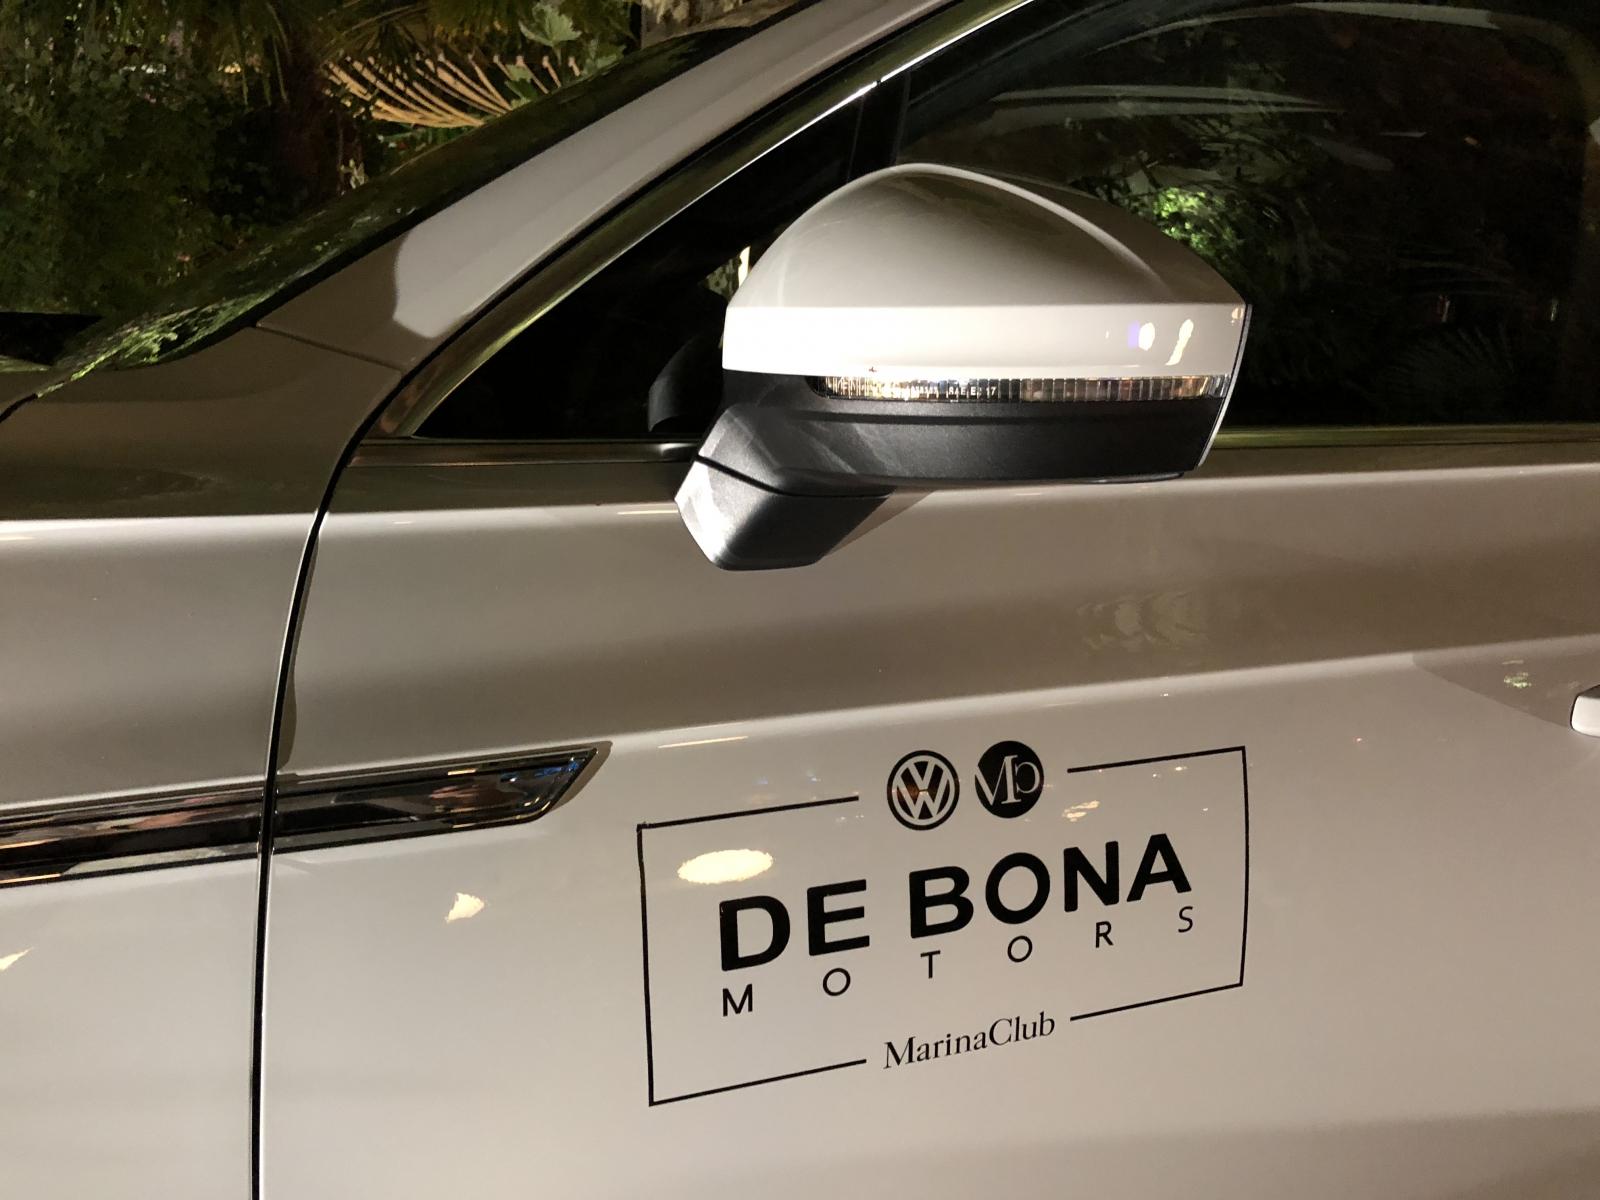 Stampa adesivi per auto Venezia